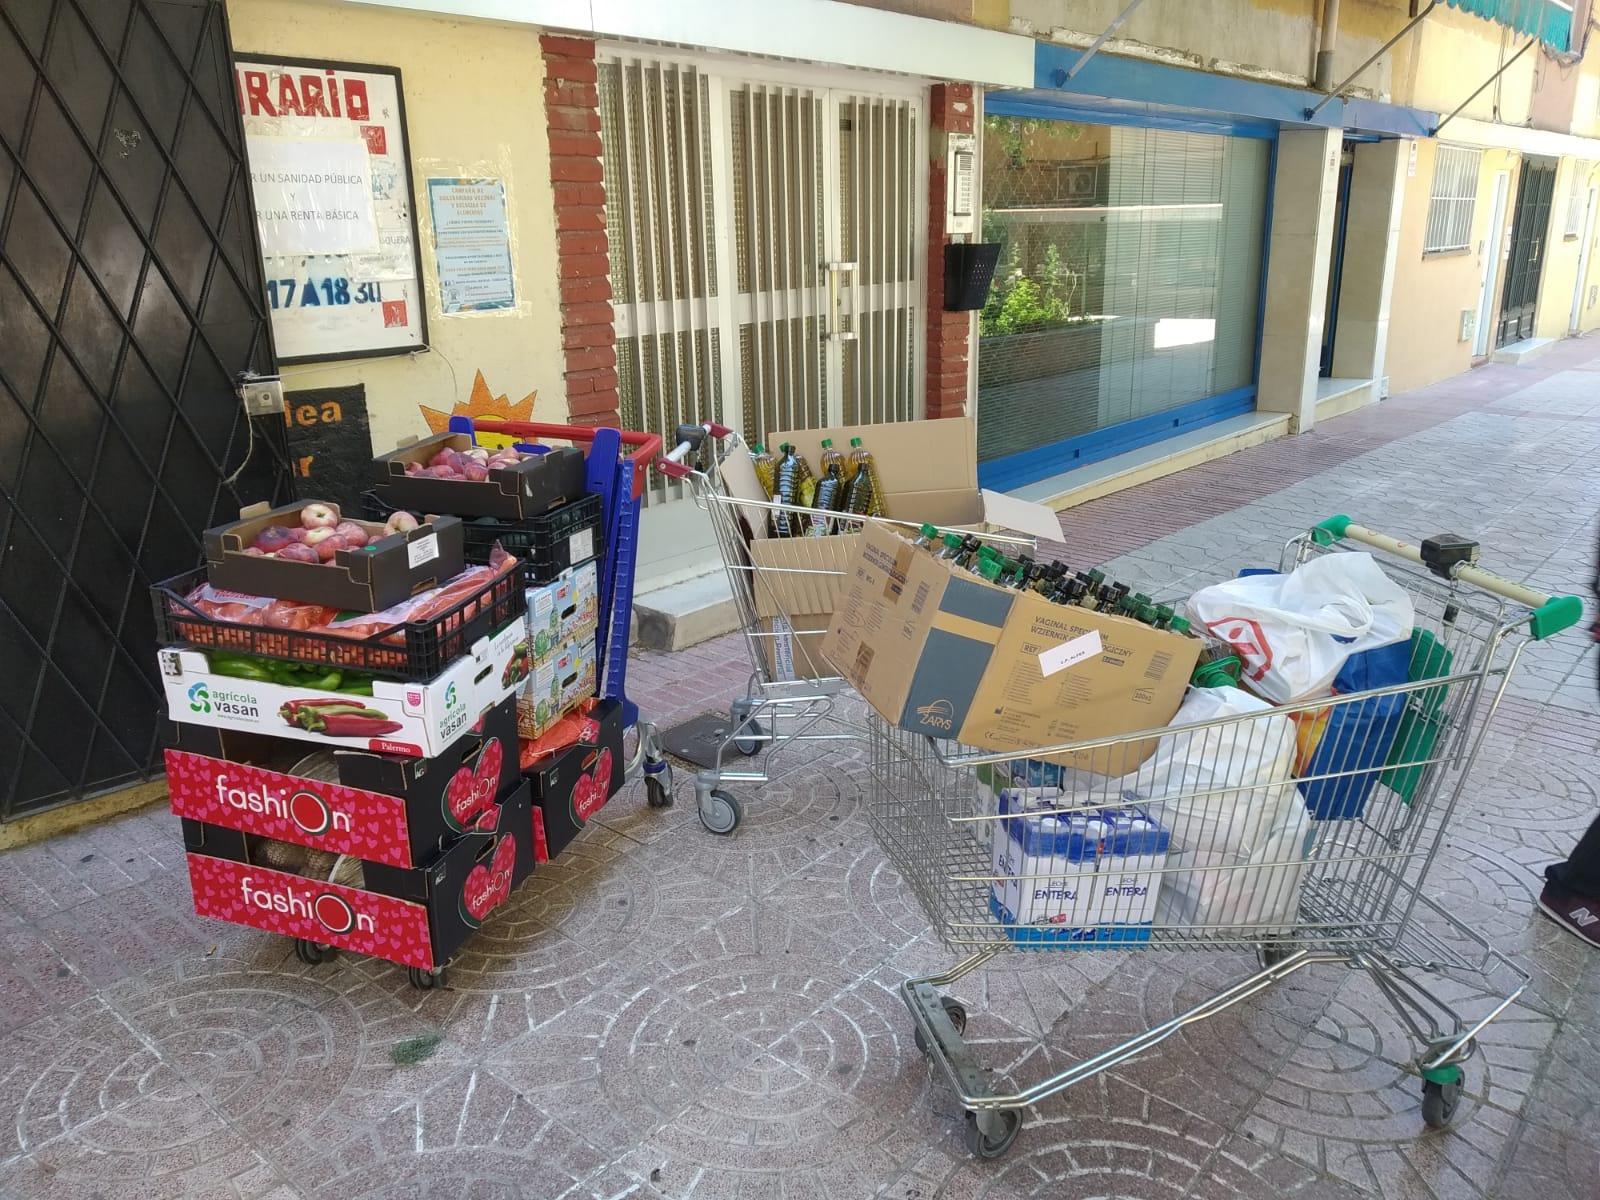 La Red de Apoyo Vecinal, dedicada en principio a labores de acompañamiento, pronto se vio desbordada por peticiones de comida